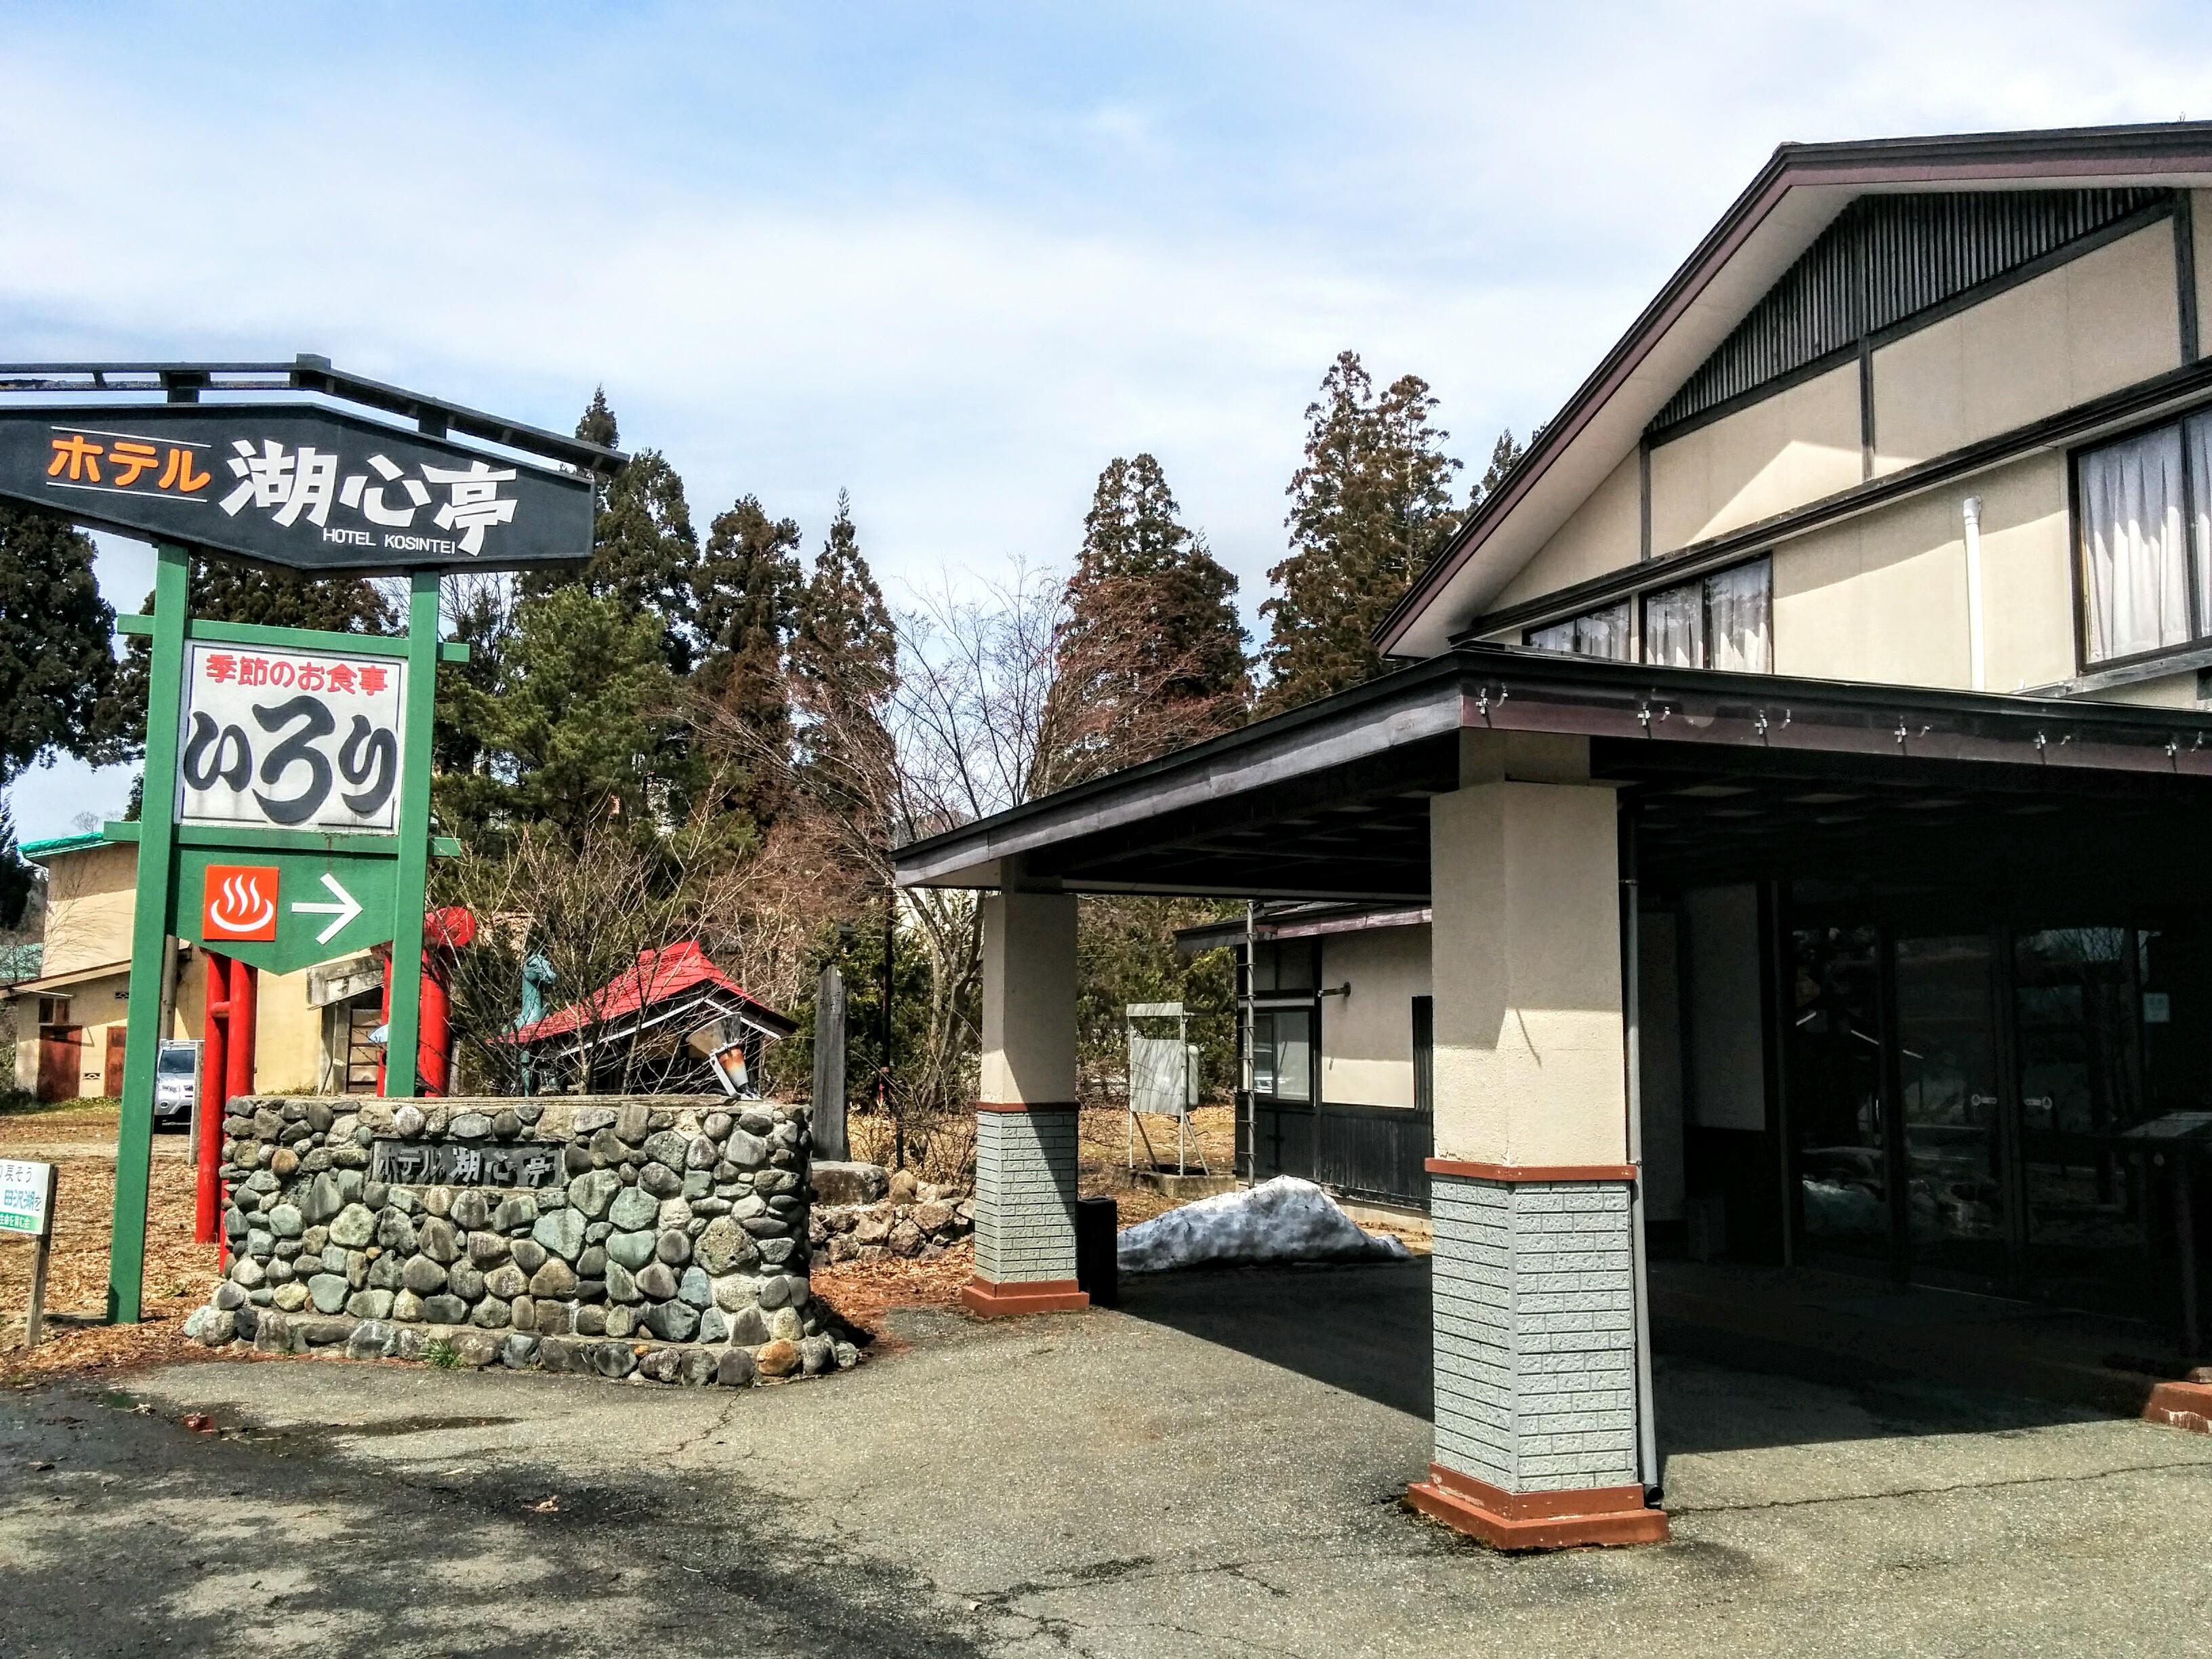 【田沢湖】ホテル湖心亭・季節のお食事いろりさんでランチです。